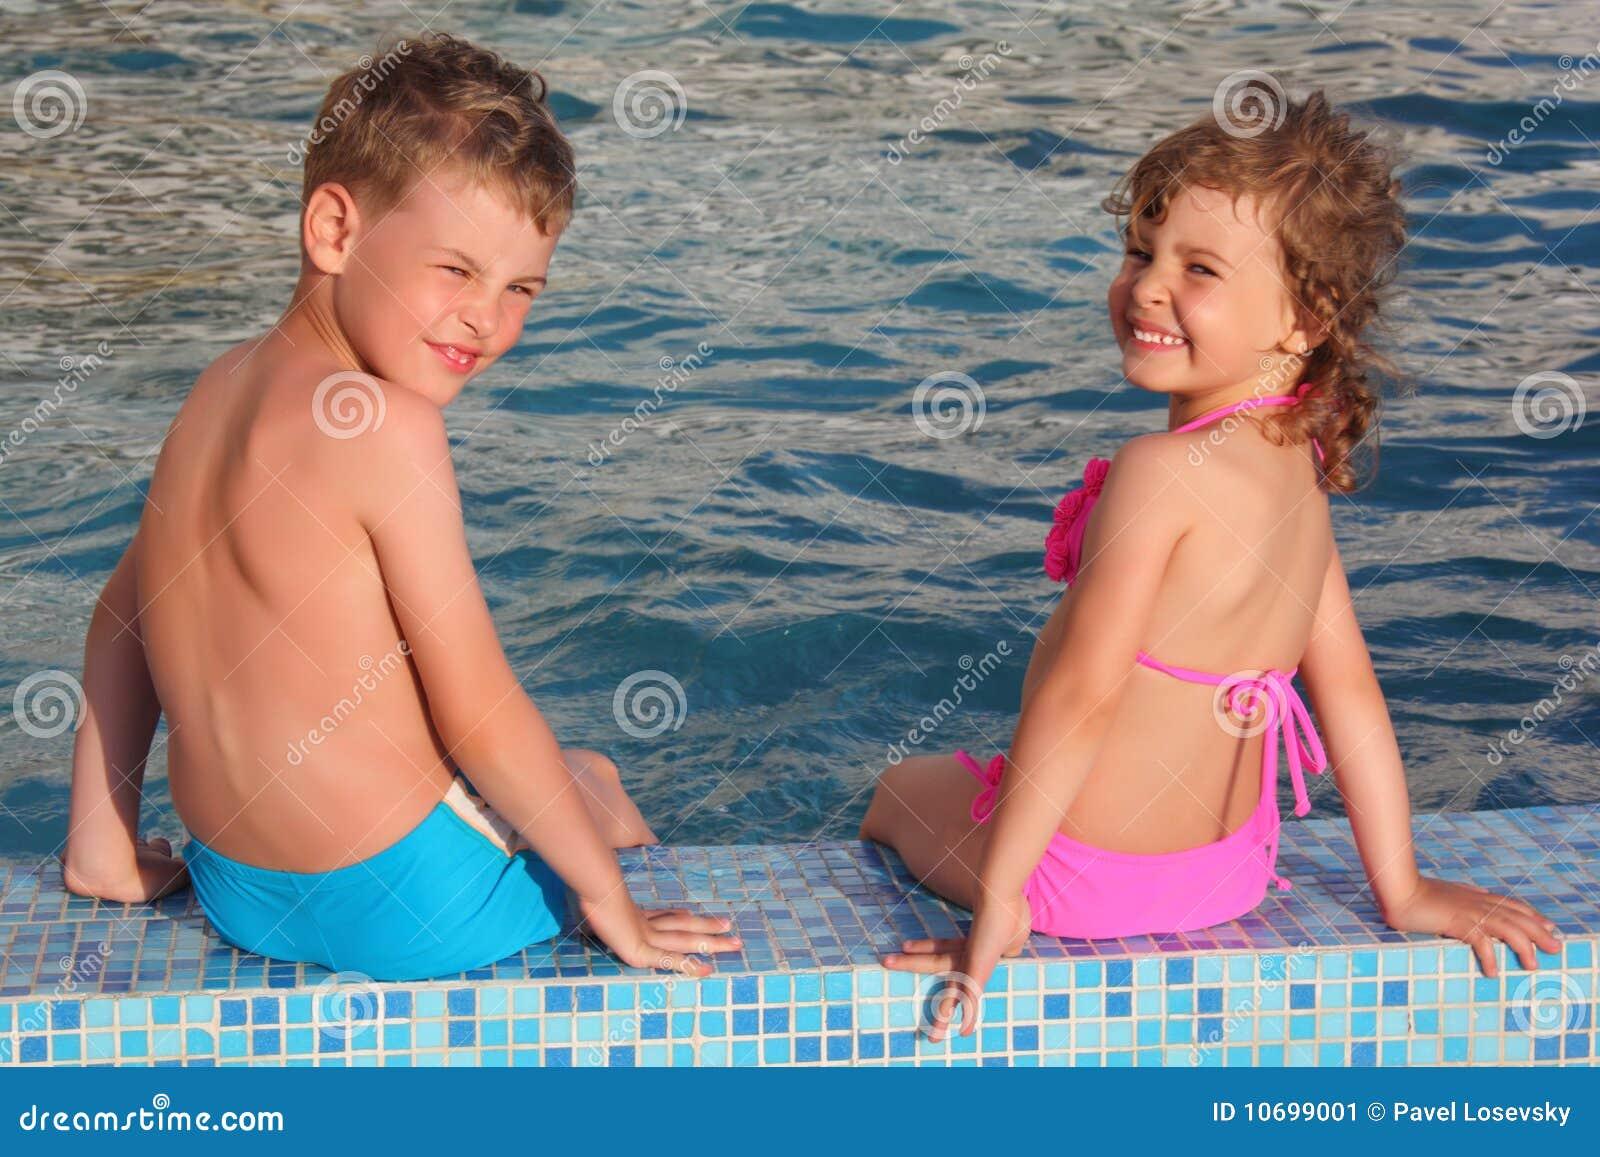 С мальчиком у бассейна 8 фотография